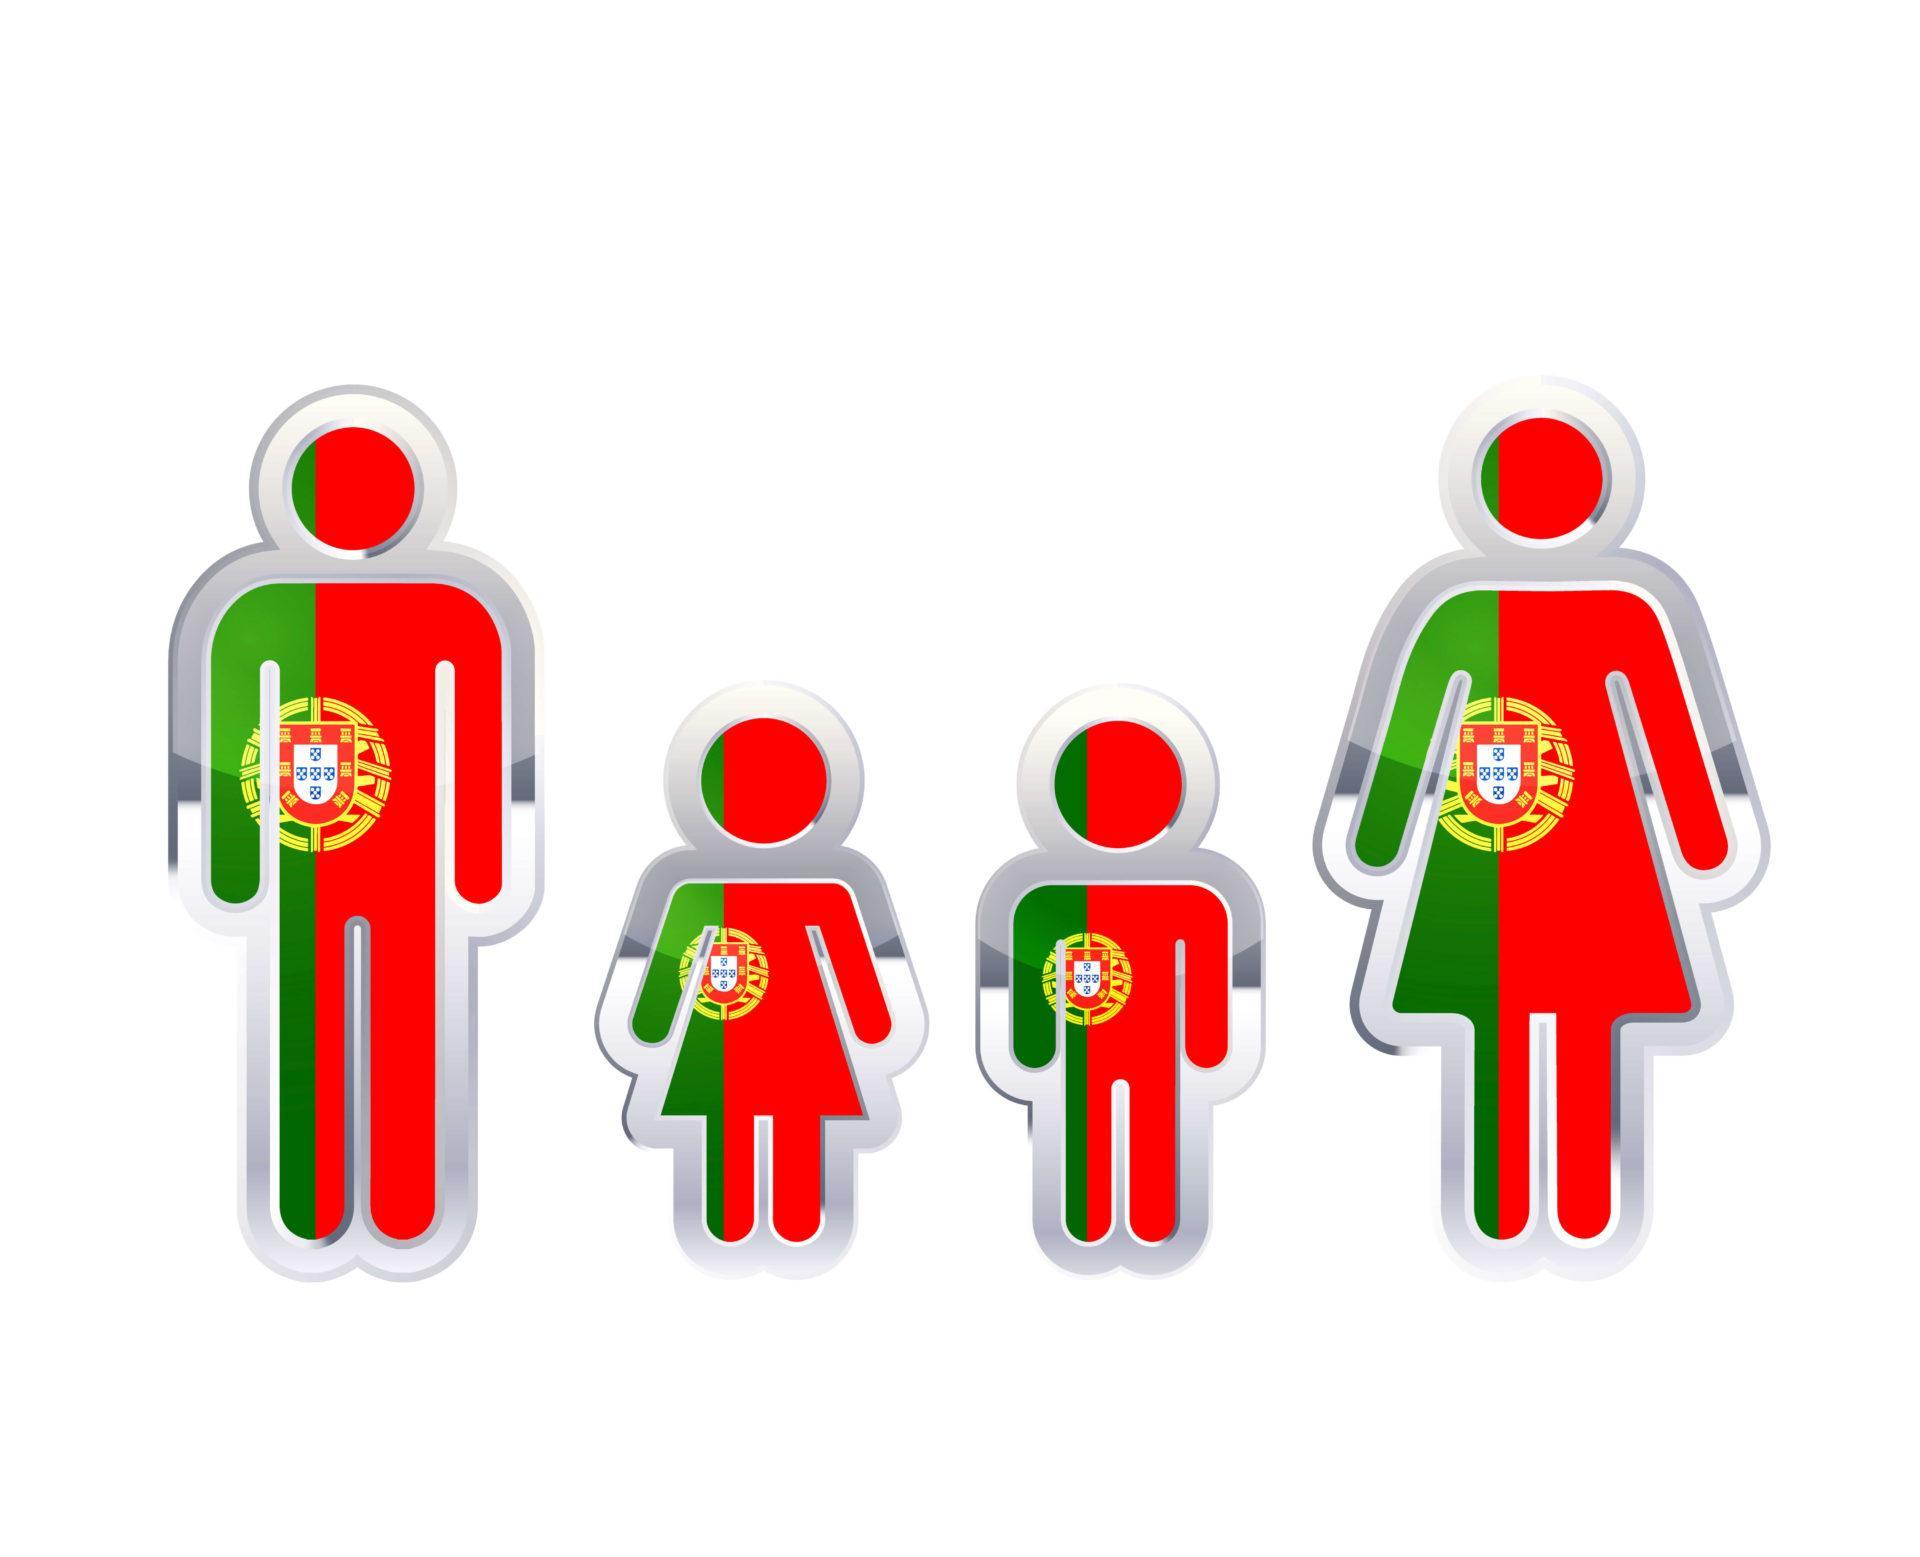 אזרחות פורטוגלית לילדים – כל מה שחשוב לדעת